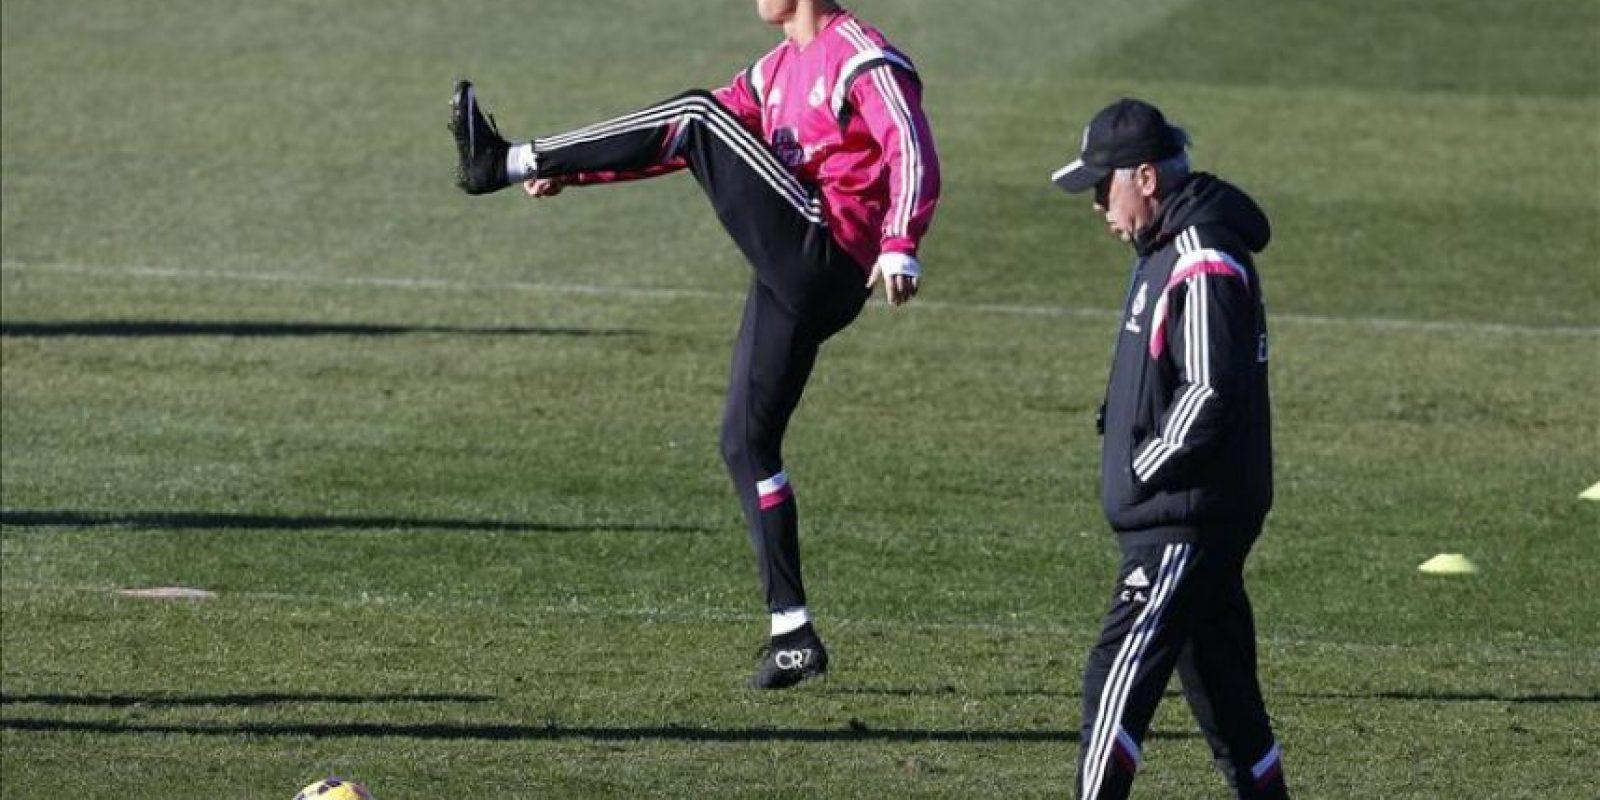 El técnico del Real Madrid, Carlo Ancelotti (d), junto a Cristiano Ronaldo (i) hoy en Valdebebas durante el entrenamiento que la plantilla blanca ha realizado de cara a preparar el encuentro de Liga que disputarán este sábado en el Santiago Bernabéu frente al Espanyol. EFE/